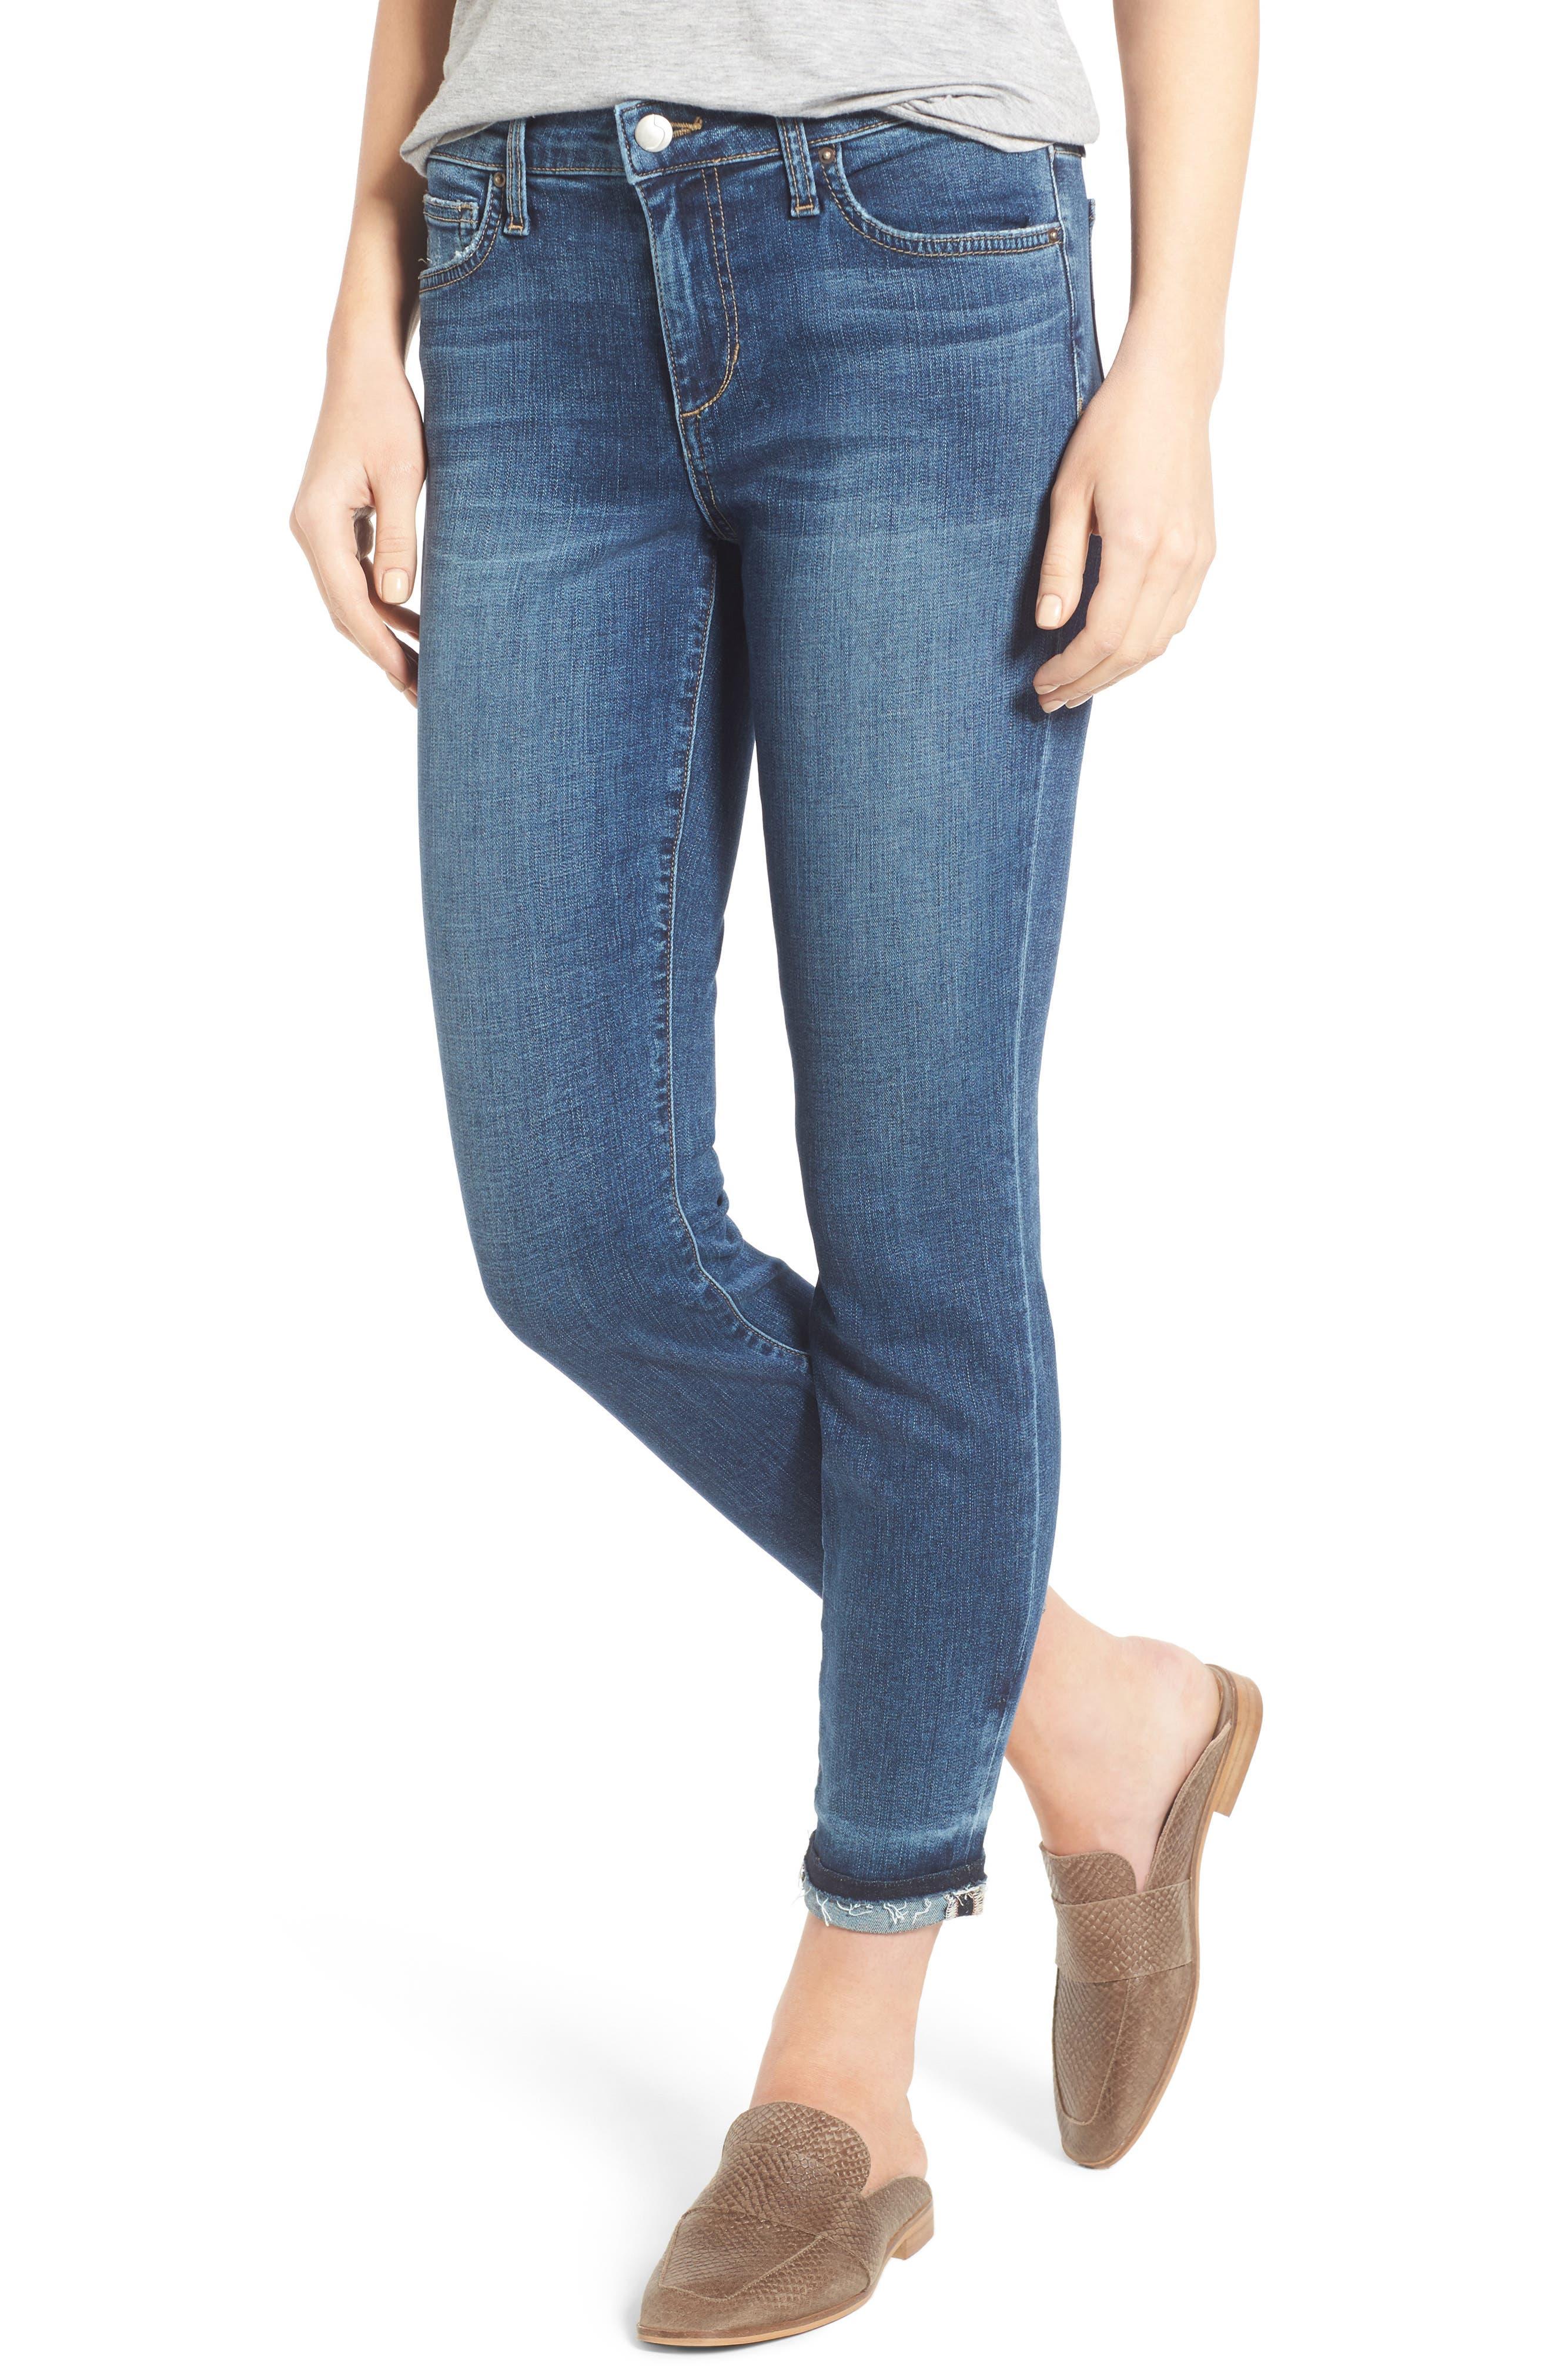 JOES Markie Crop Skinny Jeans